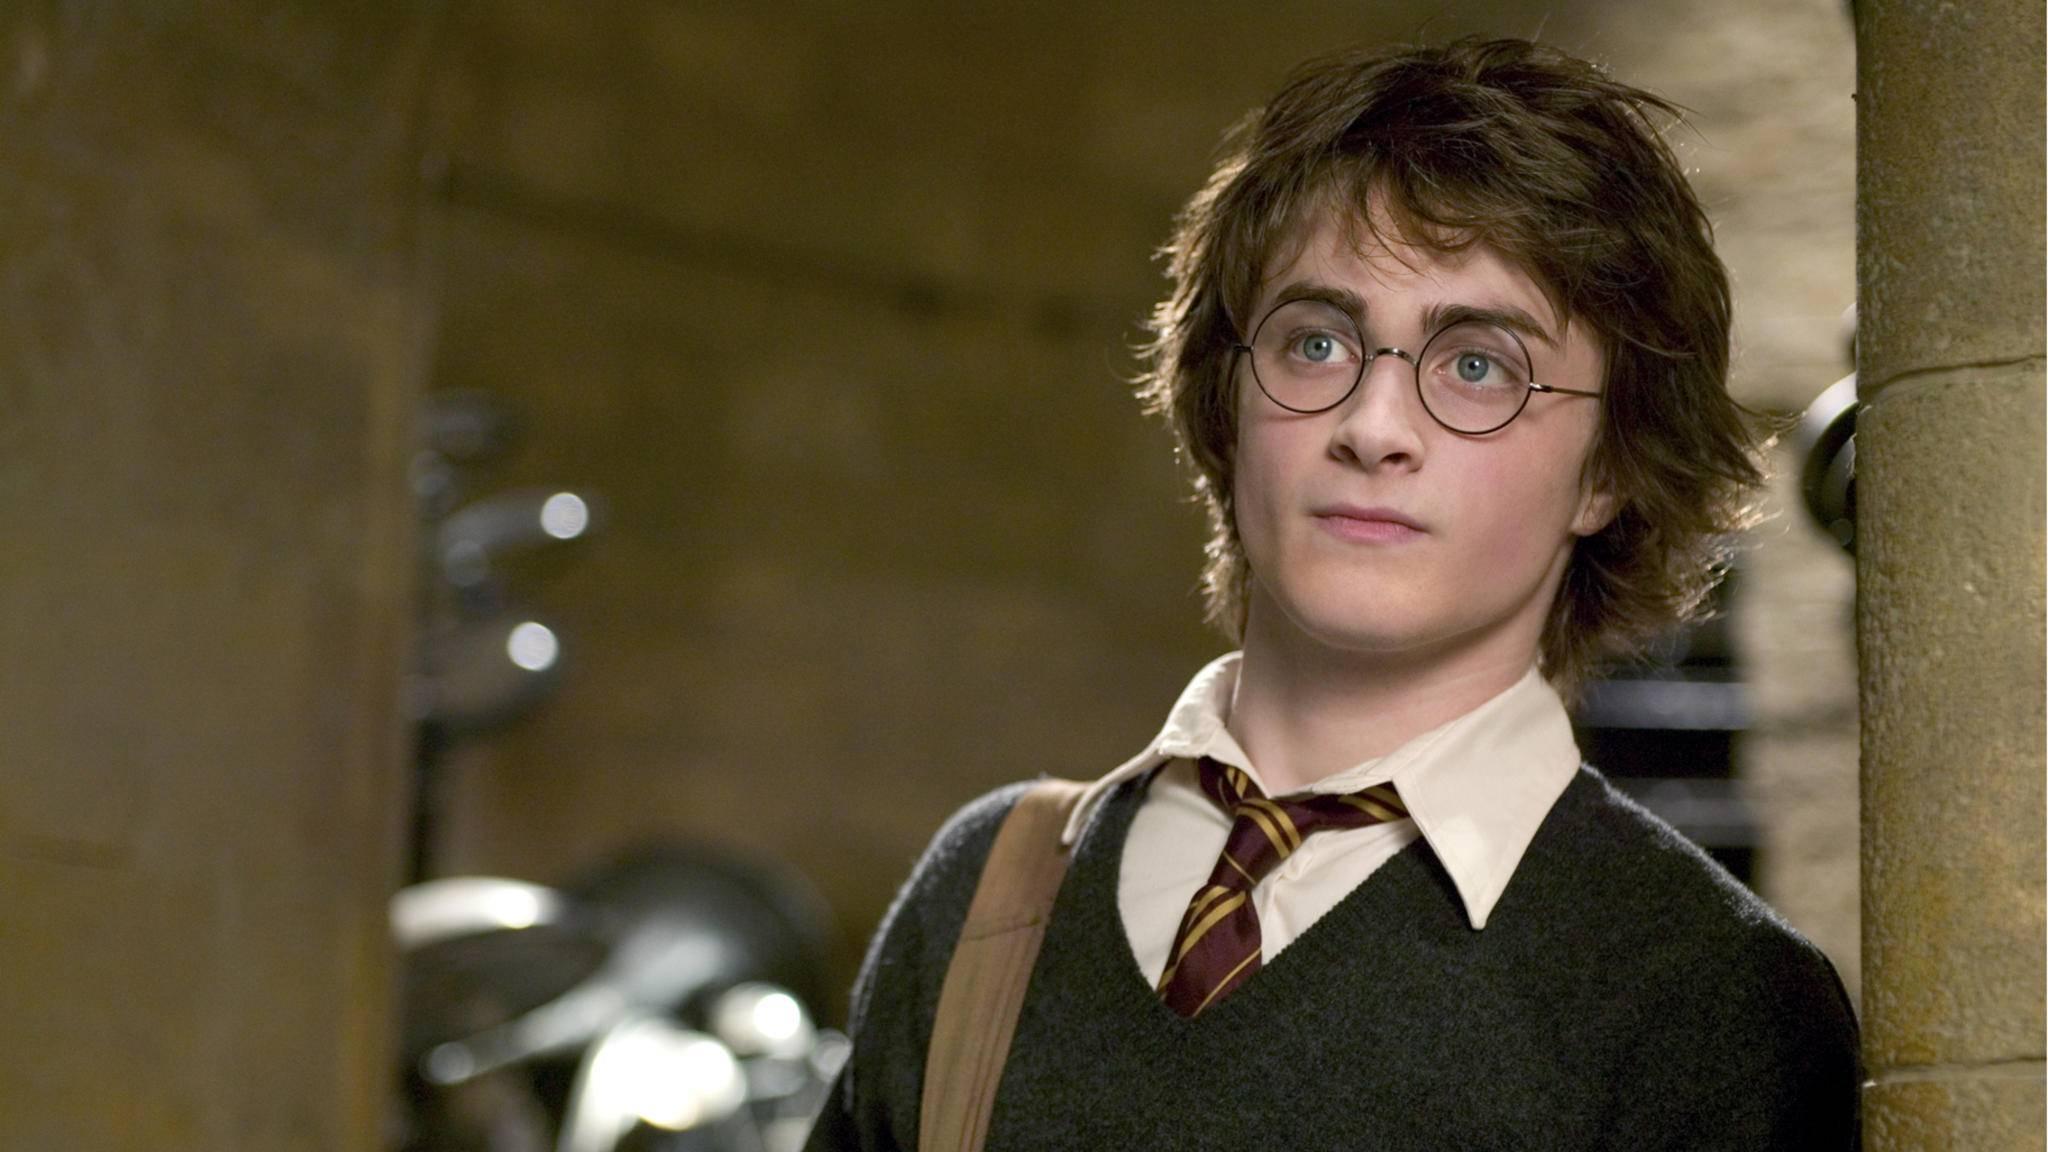 Harry Potters Vorname weist auf wahrhaft königliche Abstammung hin.